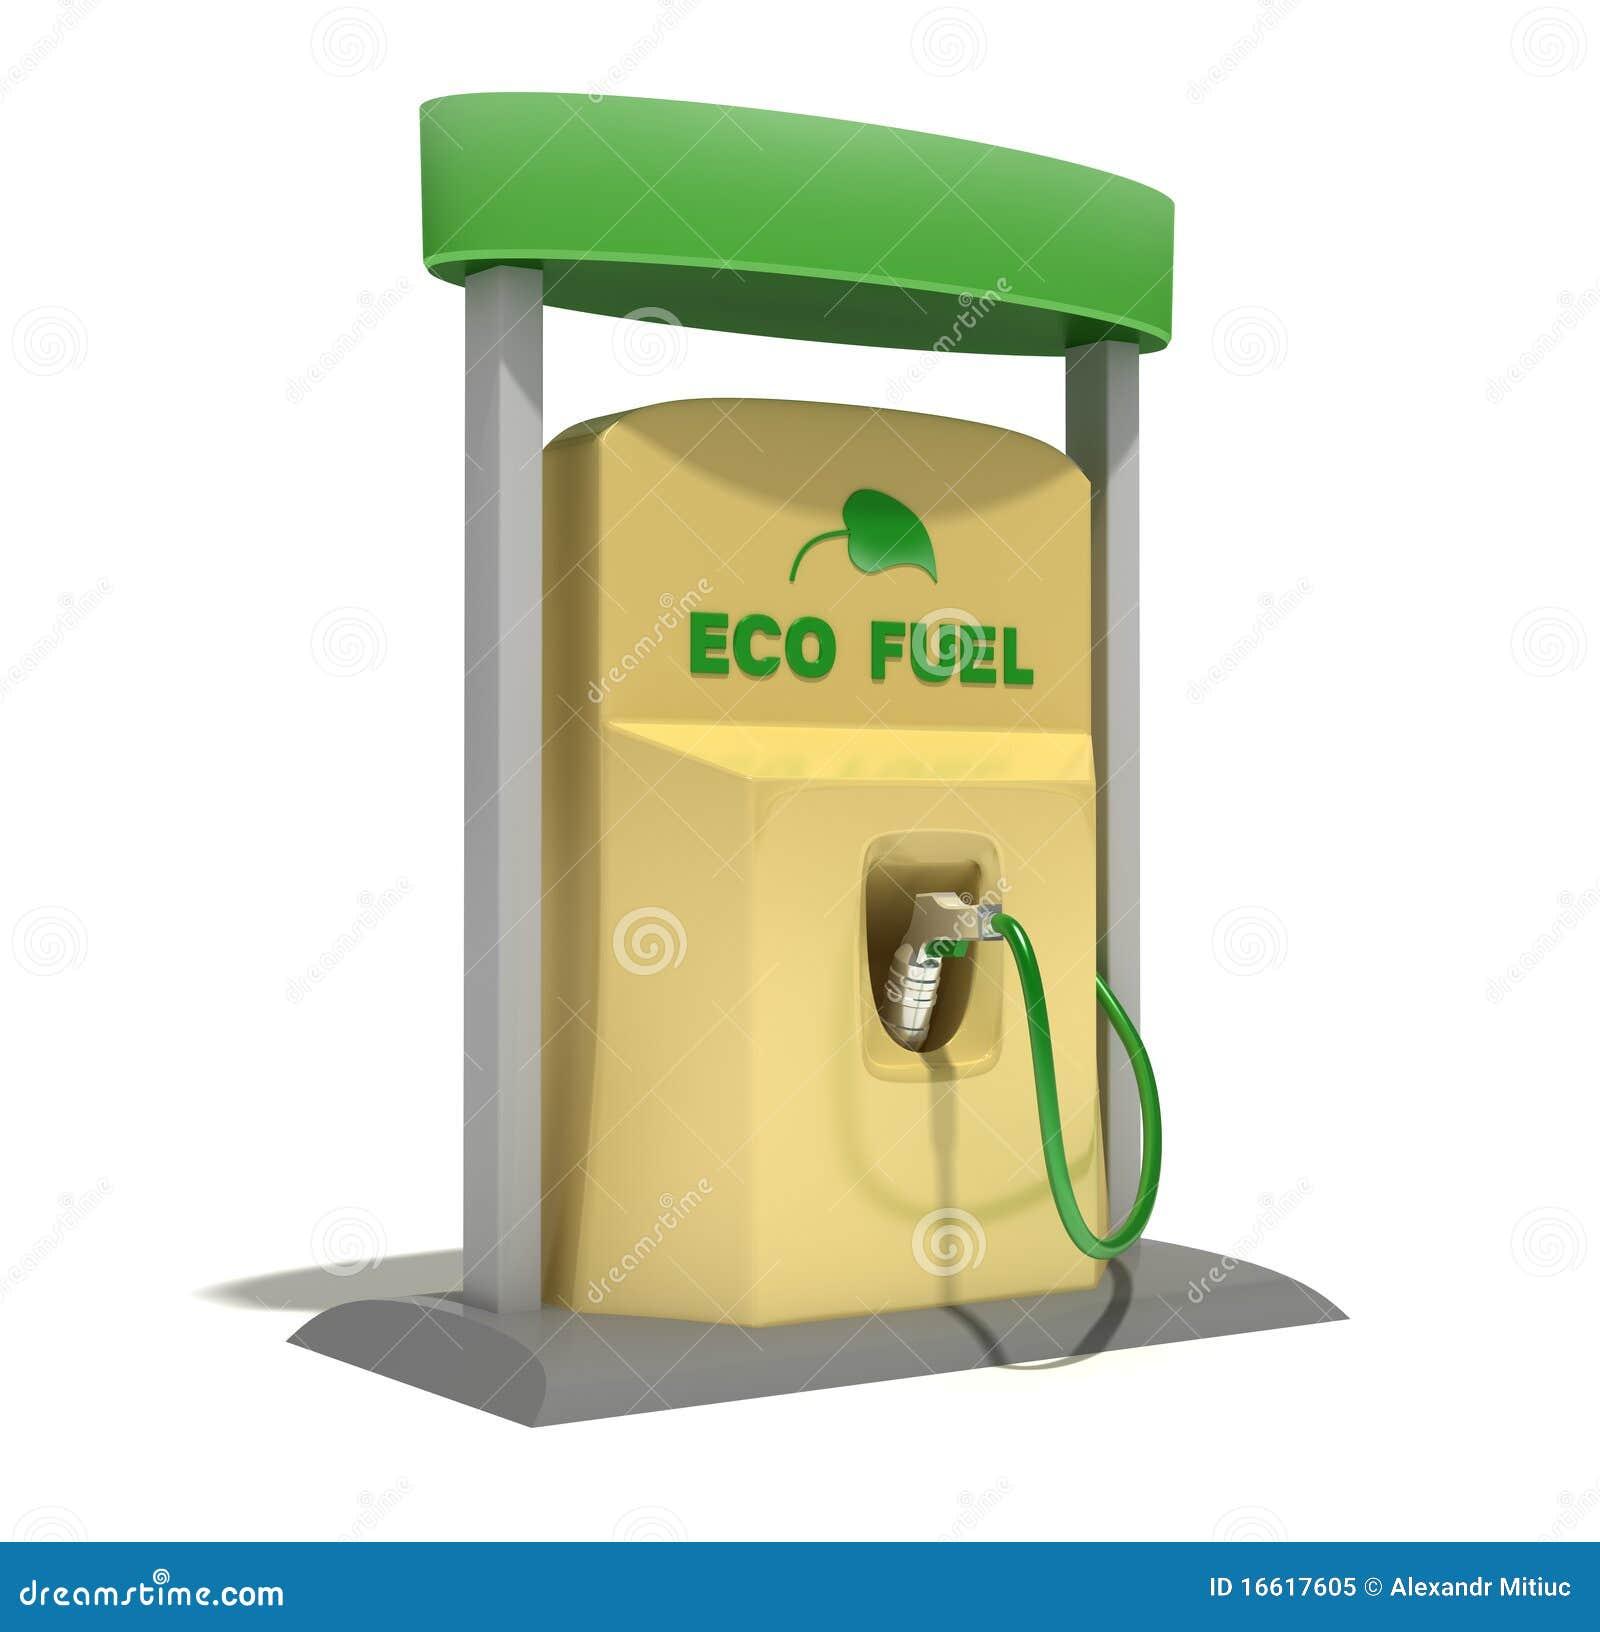 eco fuel station stock illustration illustration of petrol 16617605. Black Bedroom Furniture Sets. Home Design Ideas